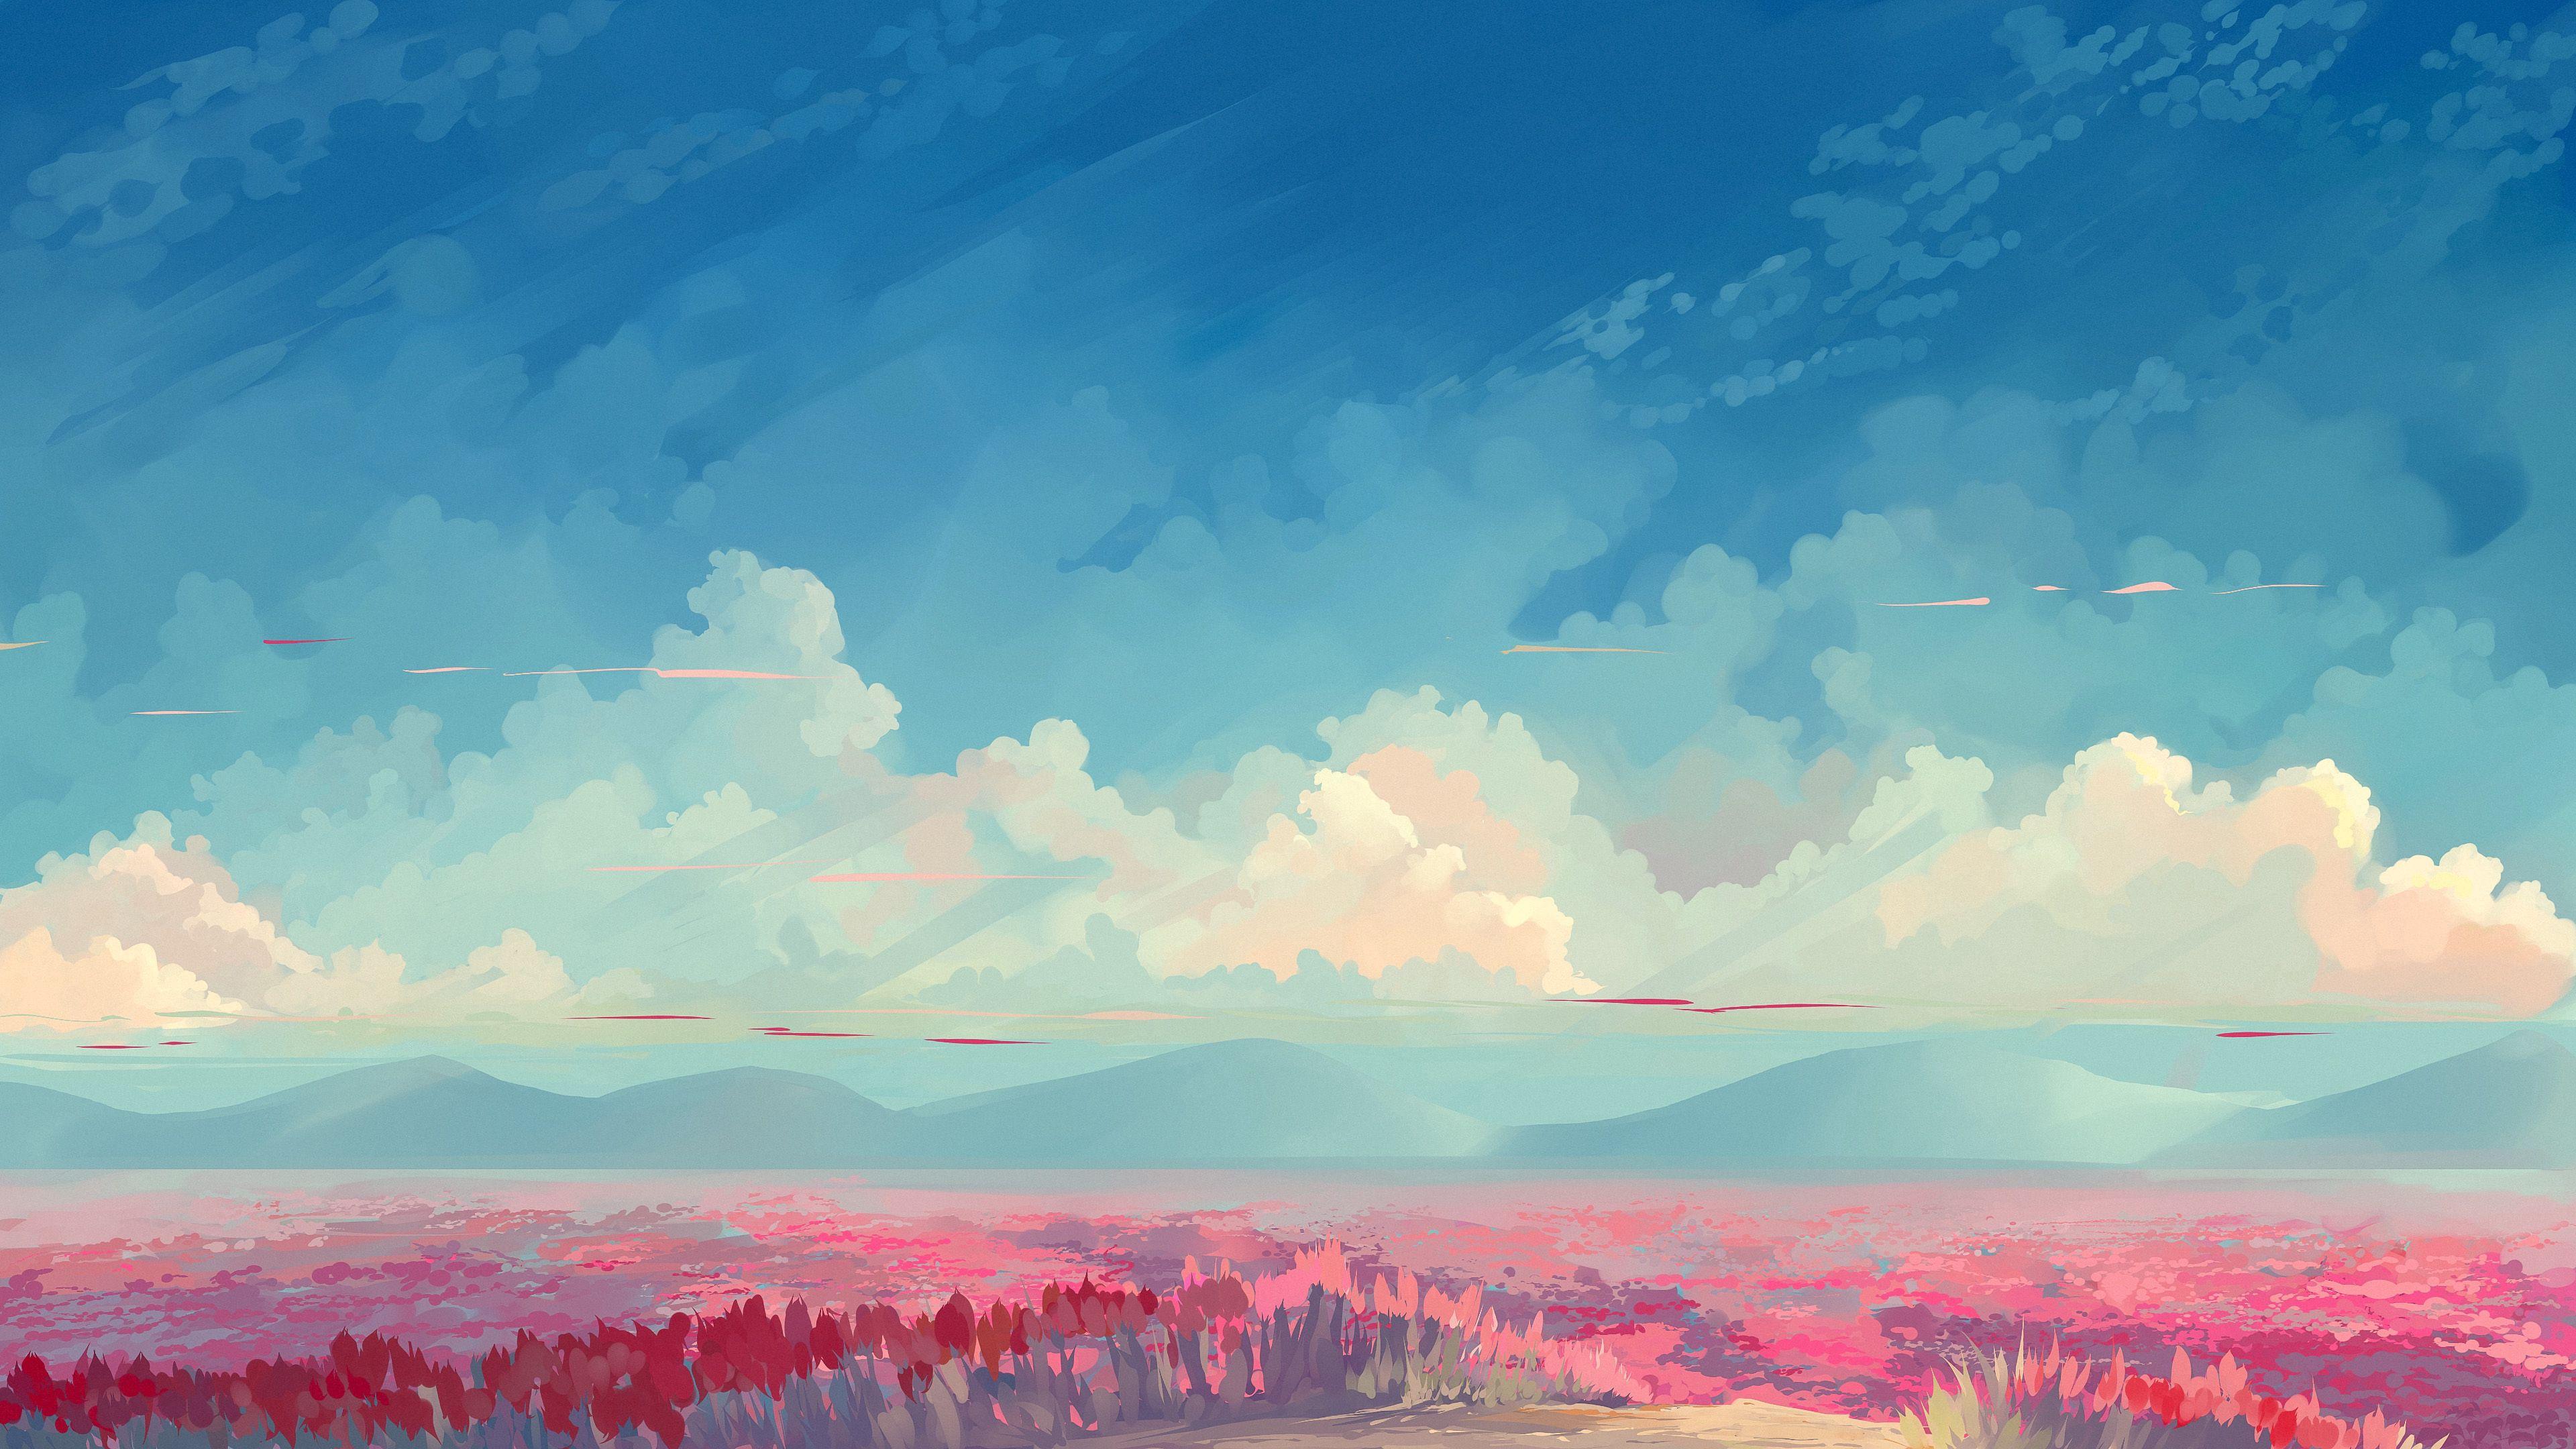 140007 скачать обои Тюльпаны, Цветы, Небо, Арт, Облака, Поле - заставки и картинки бесплатно